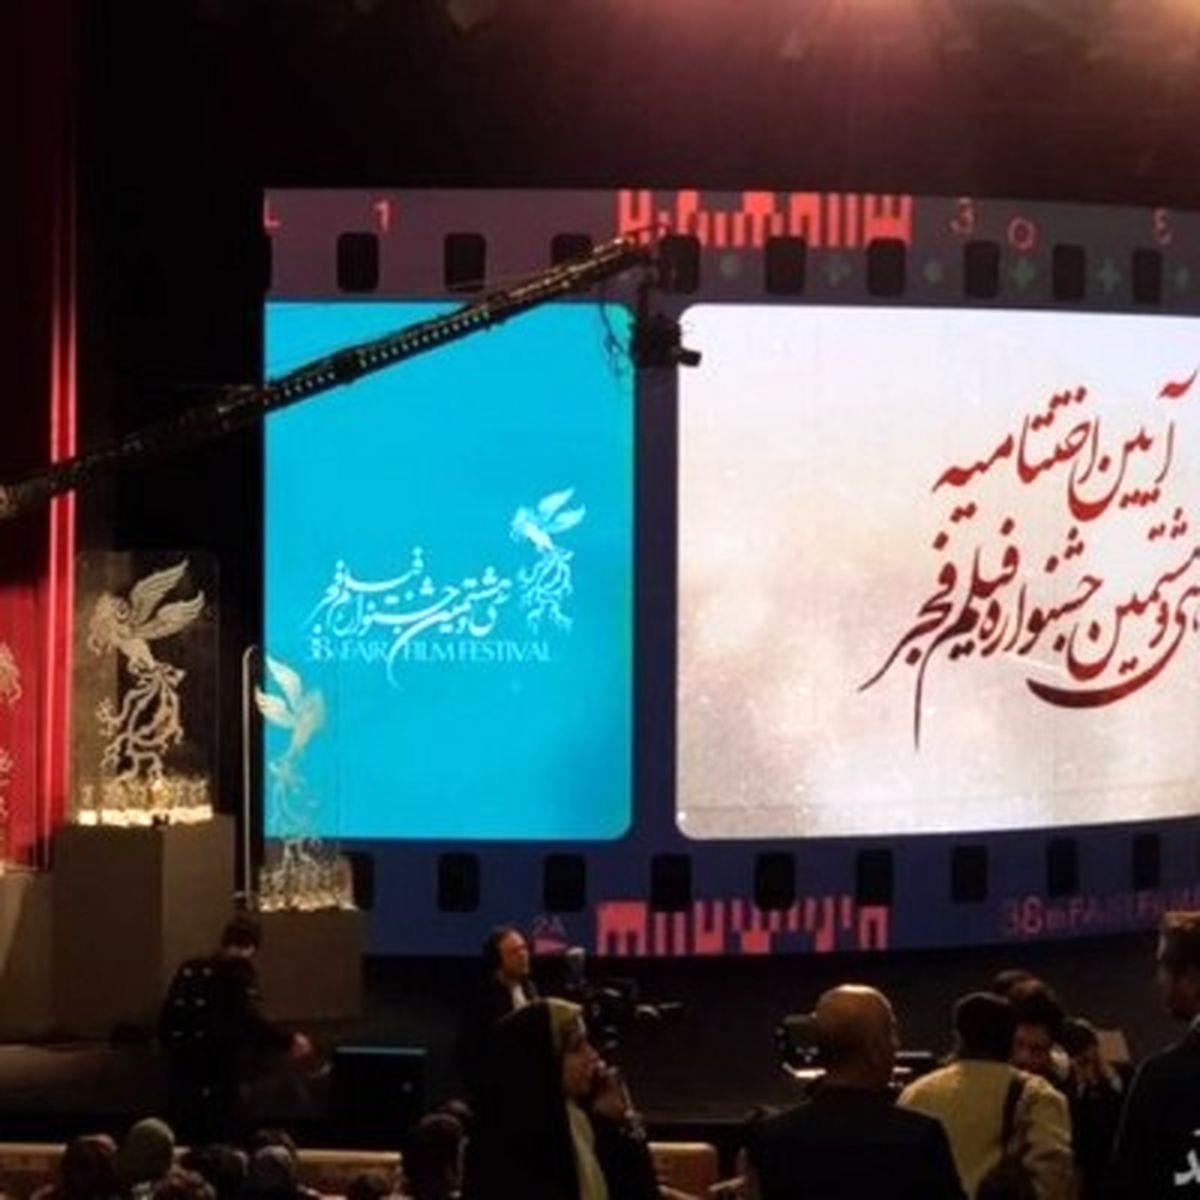 صداوسیما اختتامیه جشنواره فجر را سانسور کرد